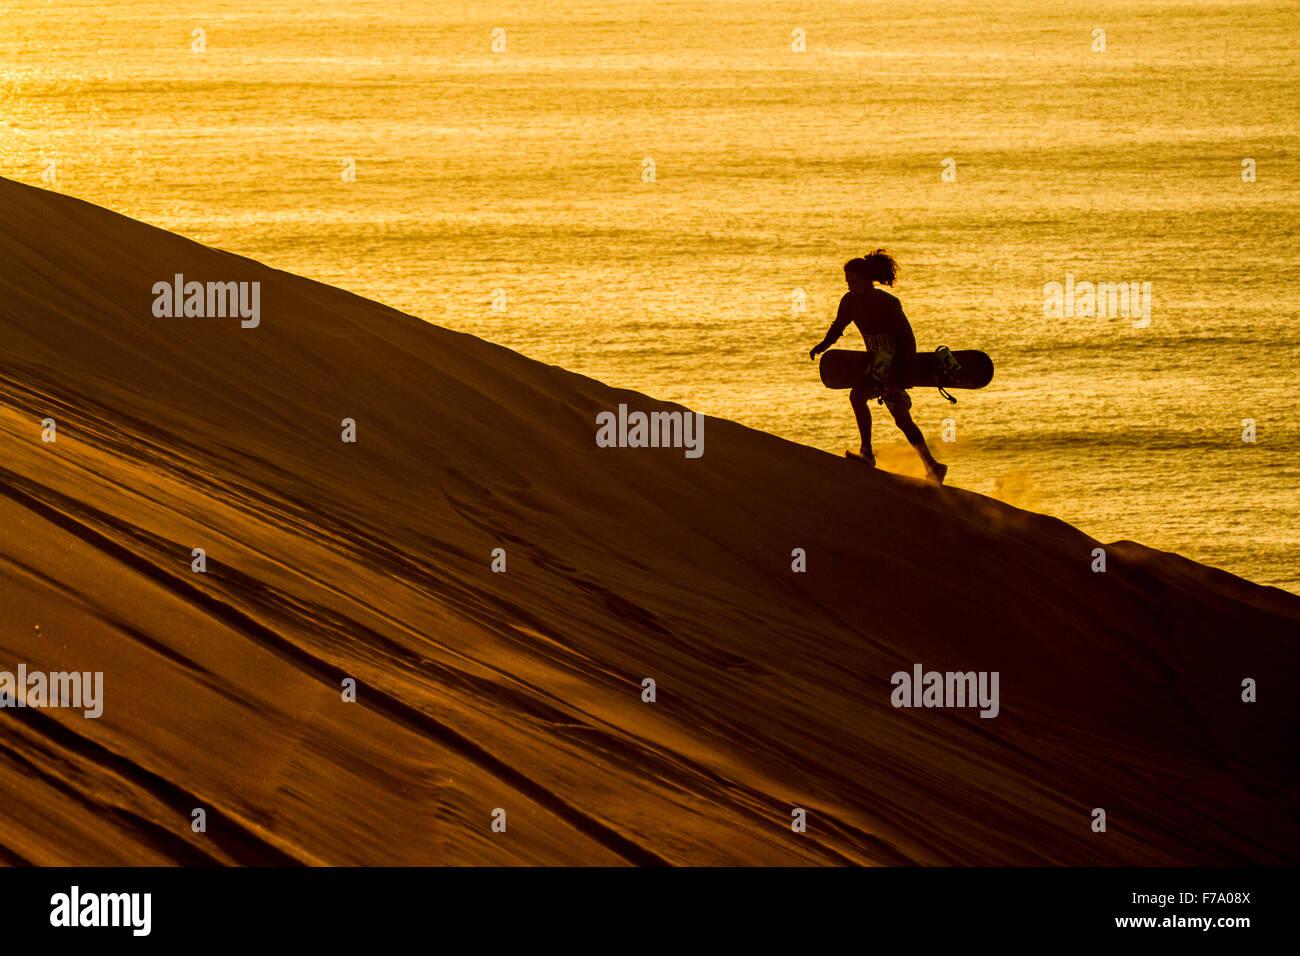 Silhouette d'un sandboarder balade au coucher du soleil à Cerro Dragon, une dune de sable situé à Photo Stock